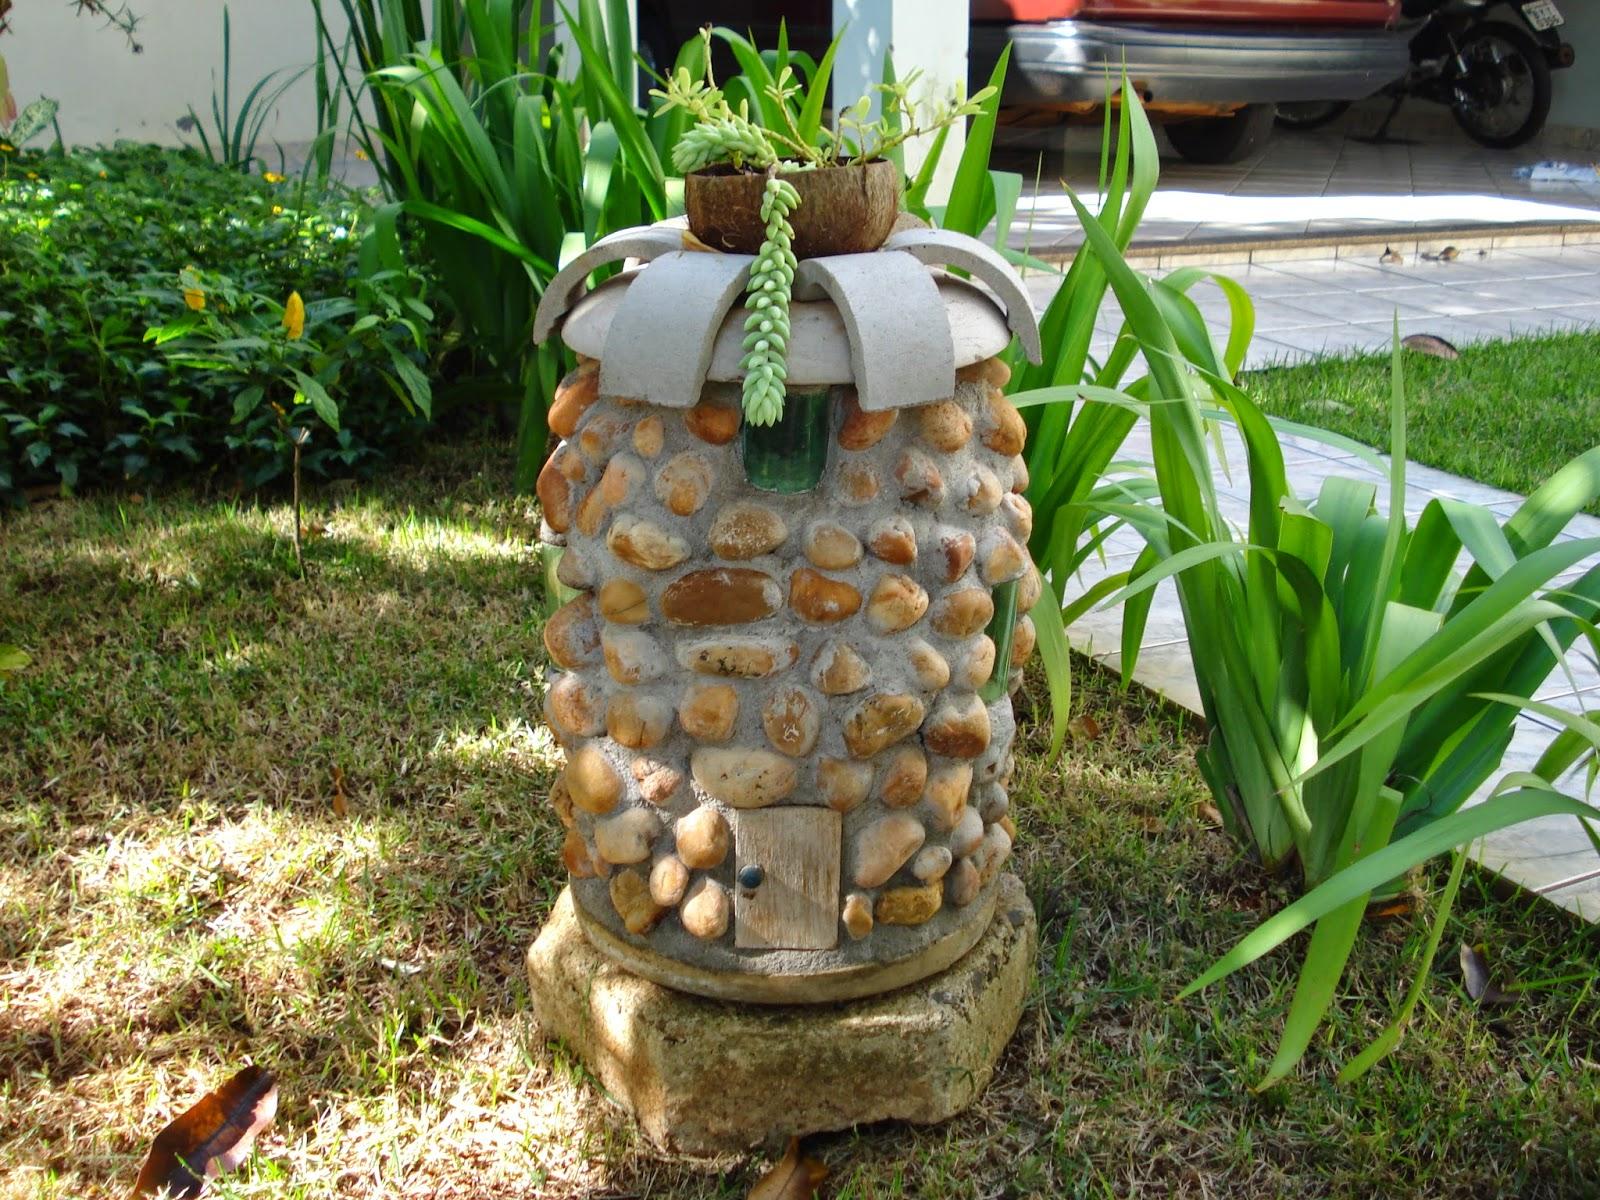 enfeites de jardim em cimento:Do avental ao salto alto: Outubro 2014